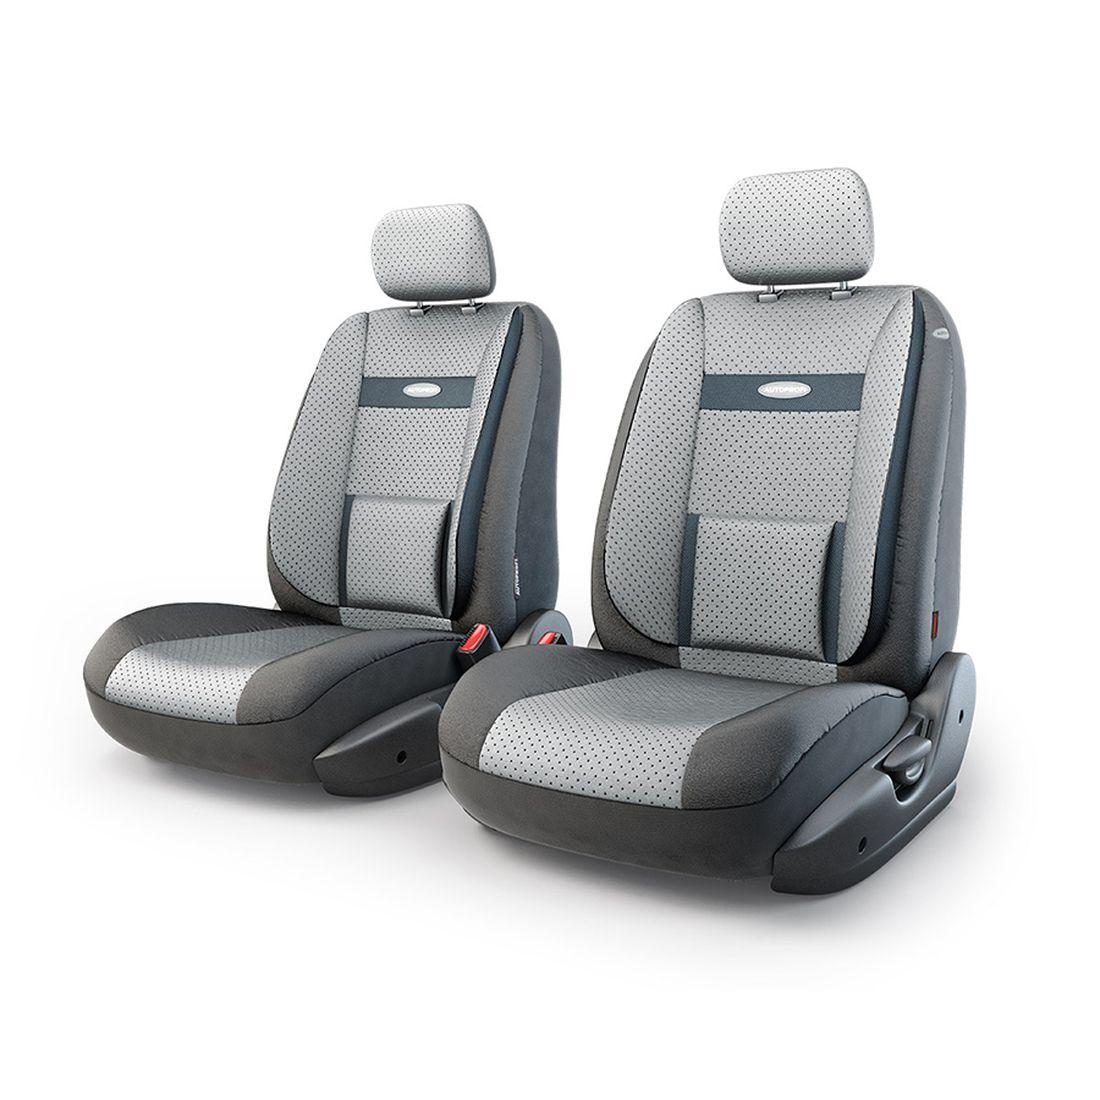 """Чехлы автомобильные Autoprofi """" Comfort"""", трансформер, экокожа, с ортопедической спинкой, цвет: черный, серый, 6 предметов"""